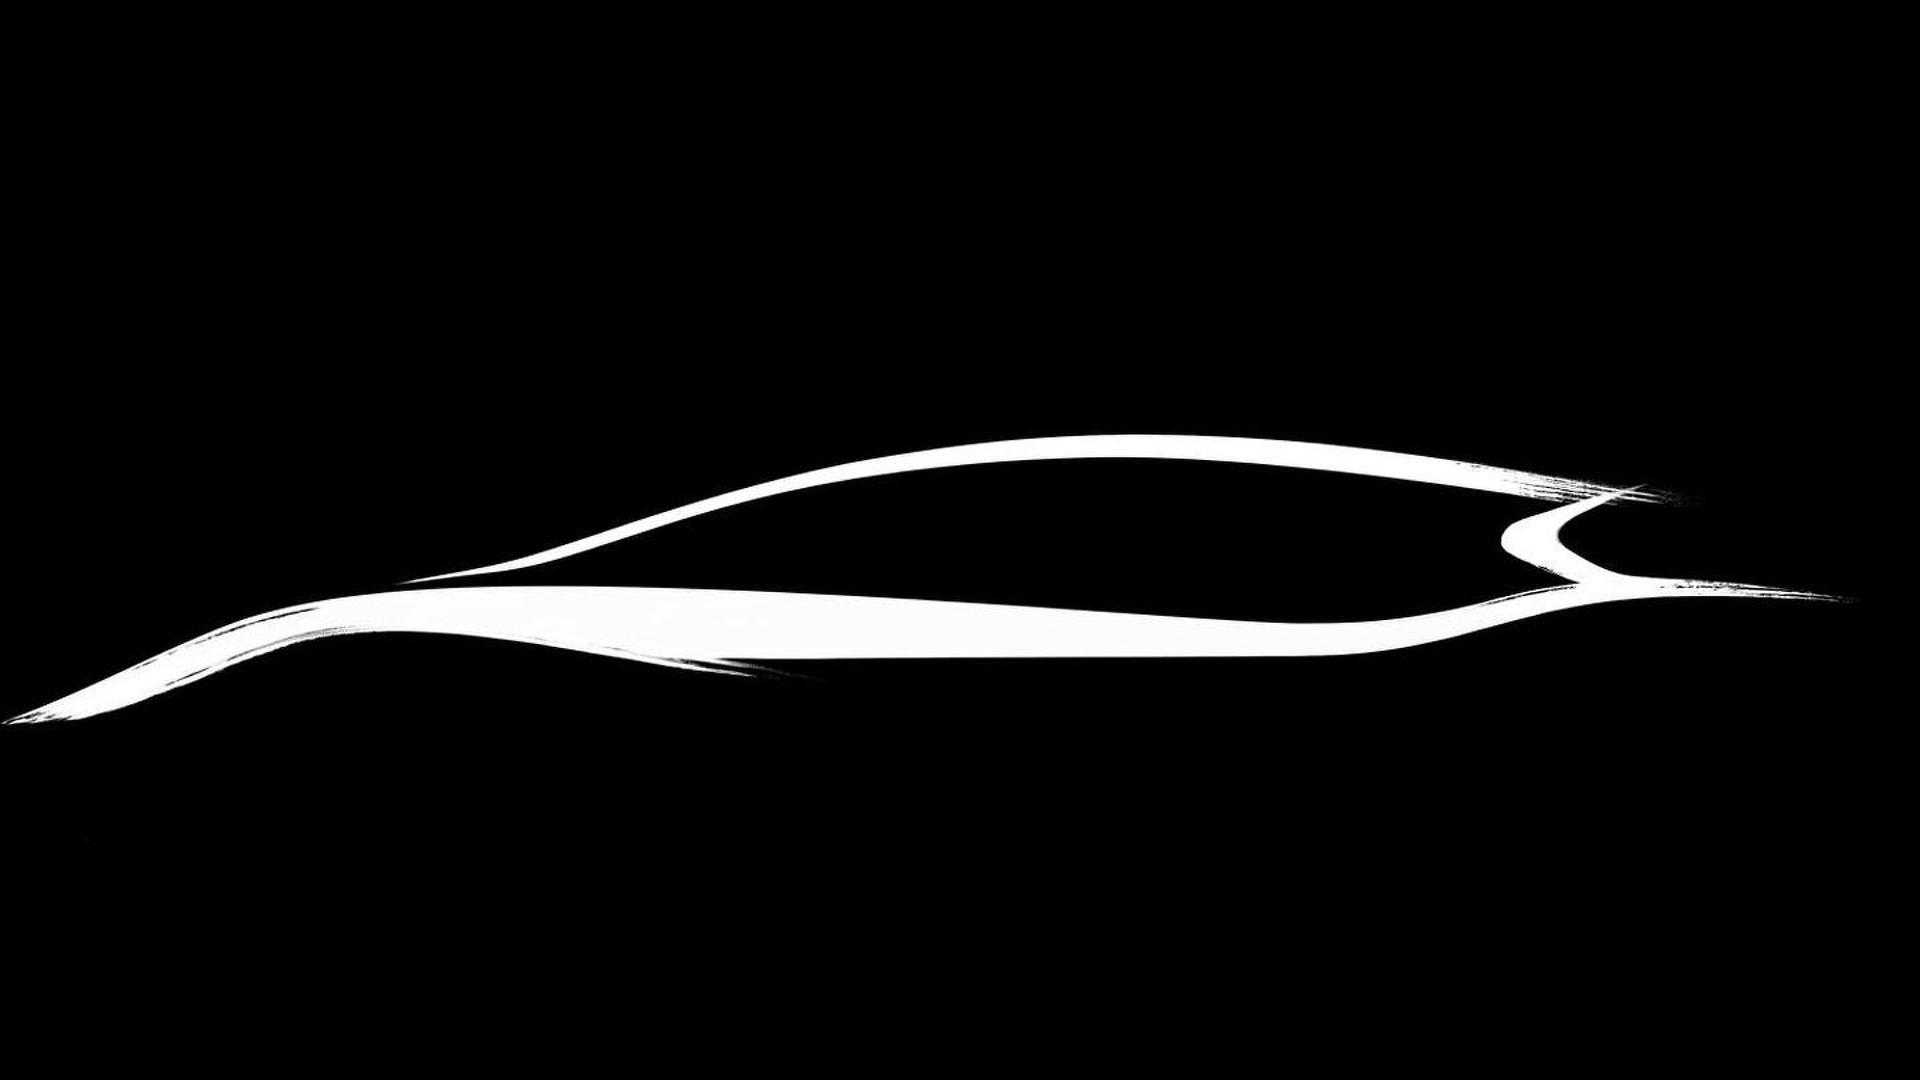 Infiniti teases entry-level concept for Geneva debut